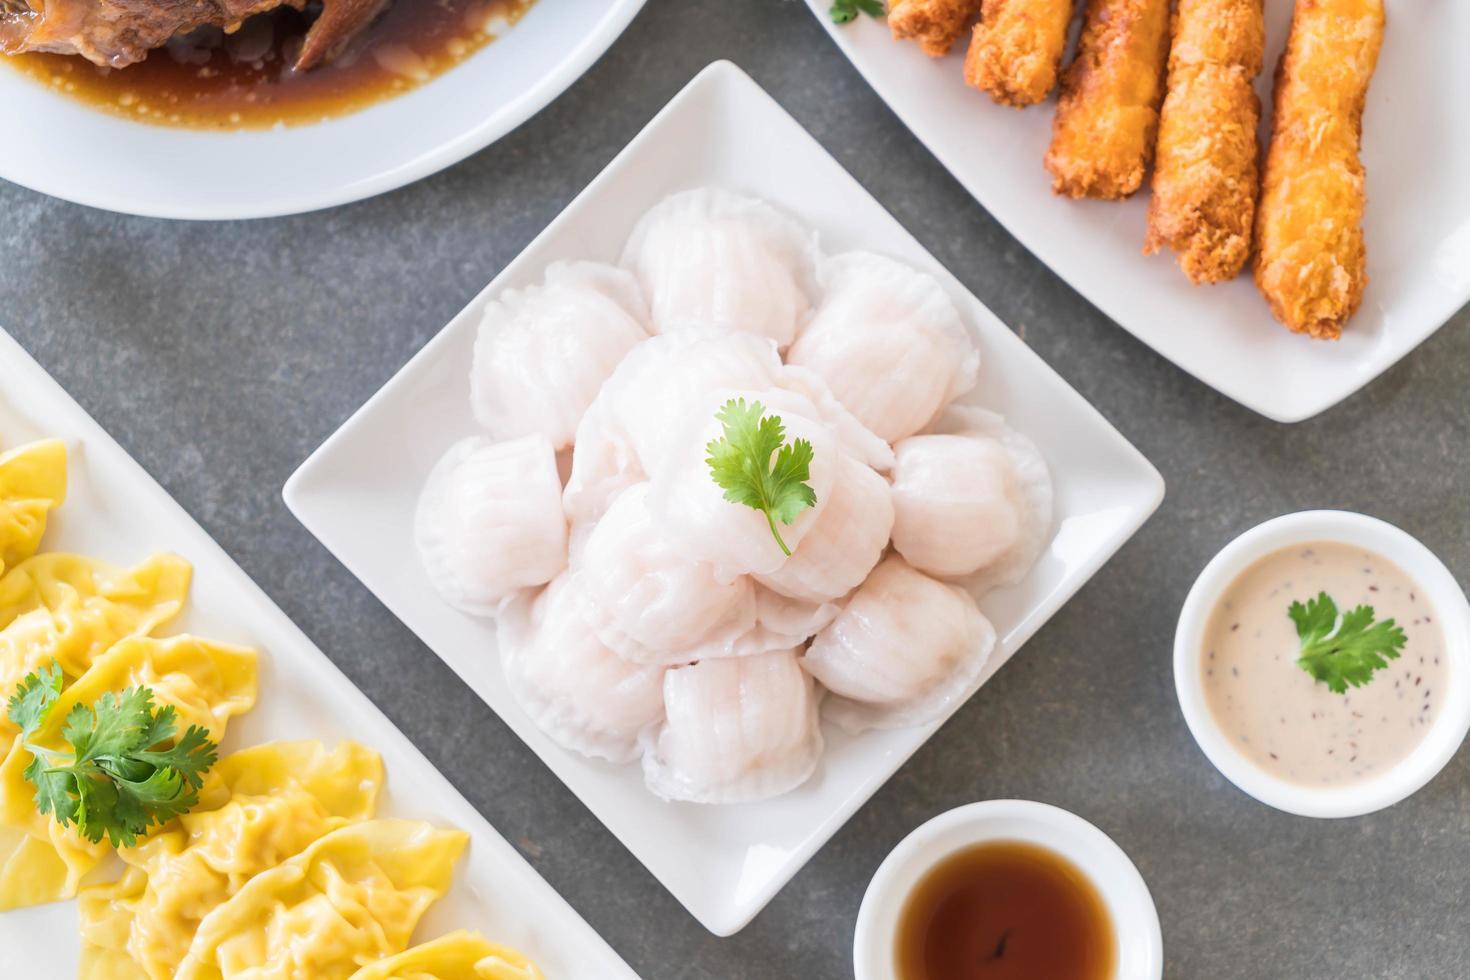 boulettes de crevettes cuites à la vapeur entourées d'autres assiettes photo